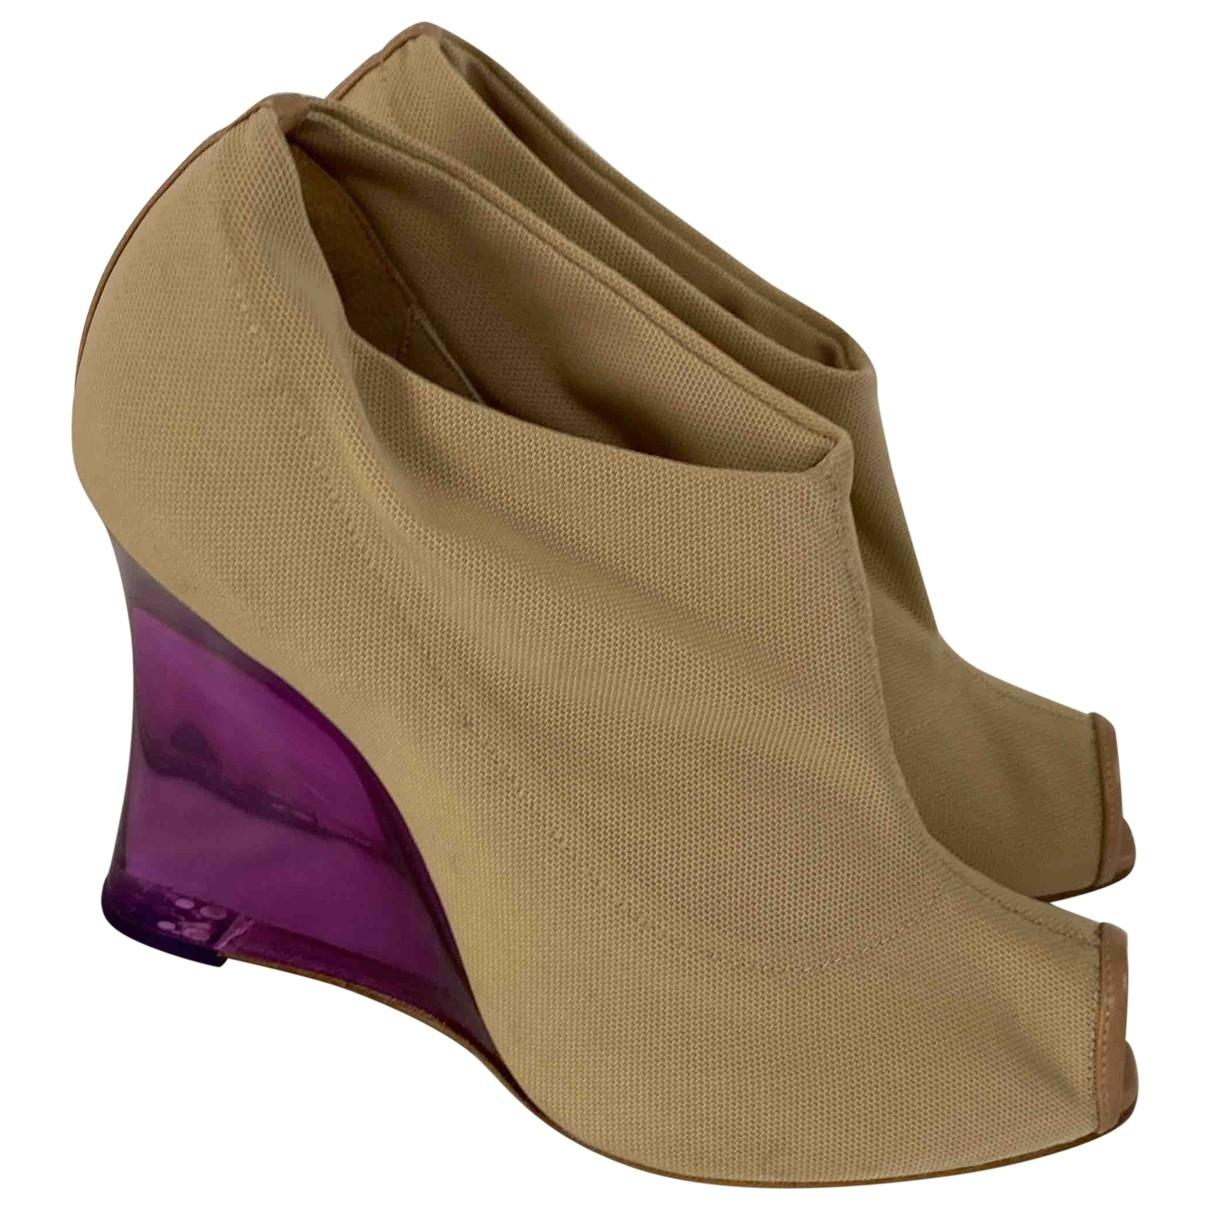 Emporio Armani - Boots   pour femme en toile - beige